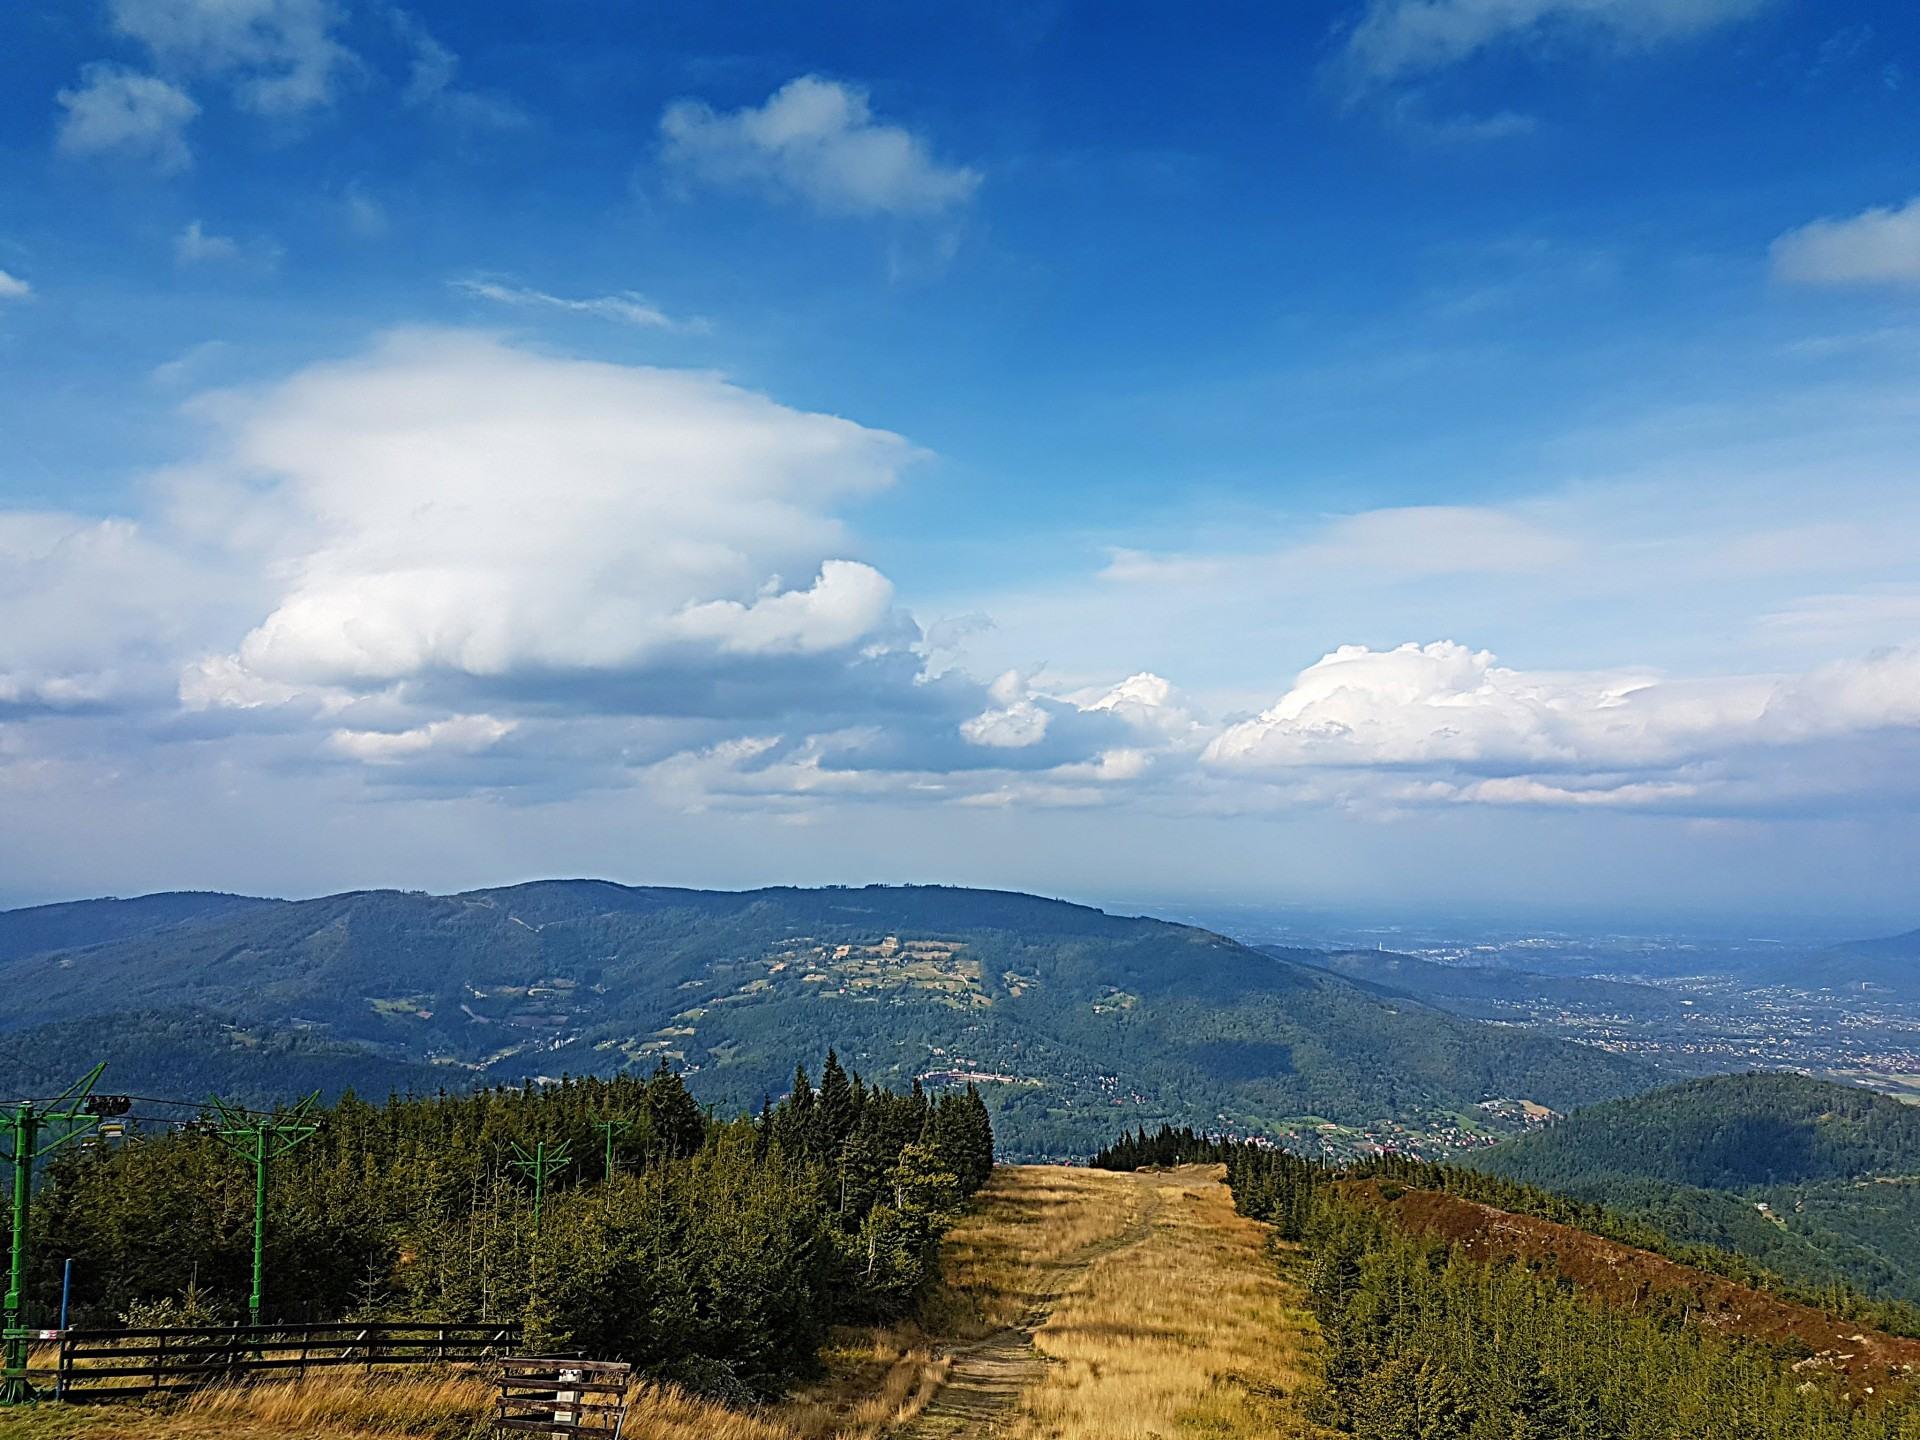 Beskidy Barania Góra, widok ze szlaku, w pobliżu domków nad Jeziorem Żywieckim, Rozmaryn